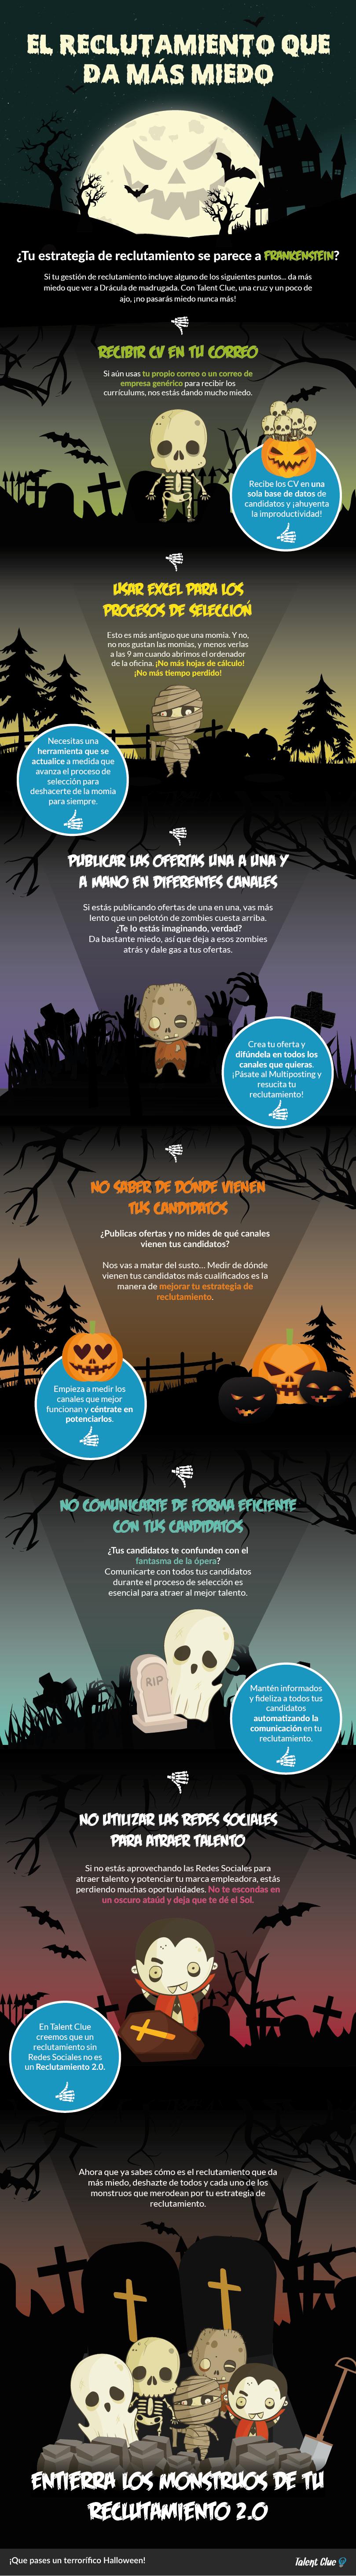 Especial Halloween Talent Clue - El reclutamiento que da más miedo